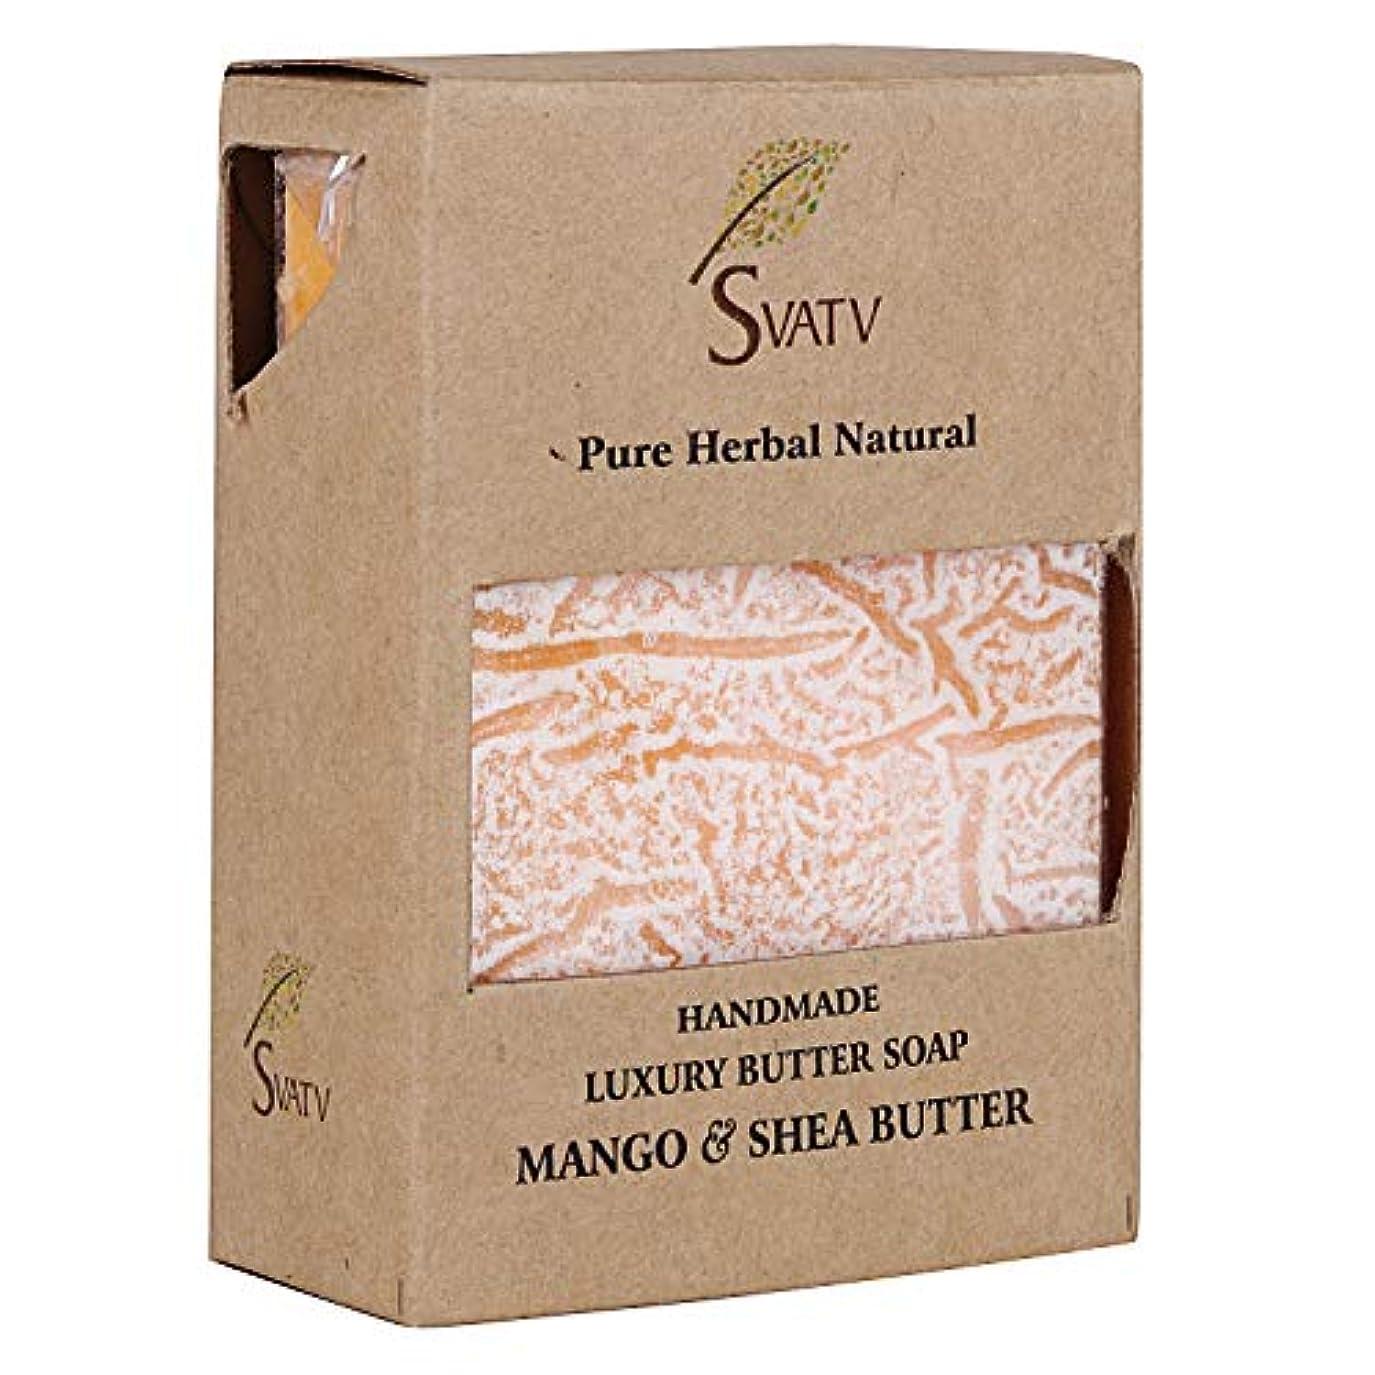 年次差し迫ったグレートオークSVATV Handmade Luxury Butter Soap Mango & Shea Butter For All Skin types 100g Bar